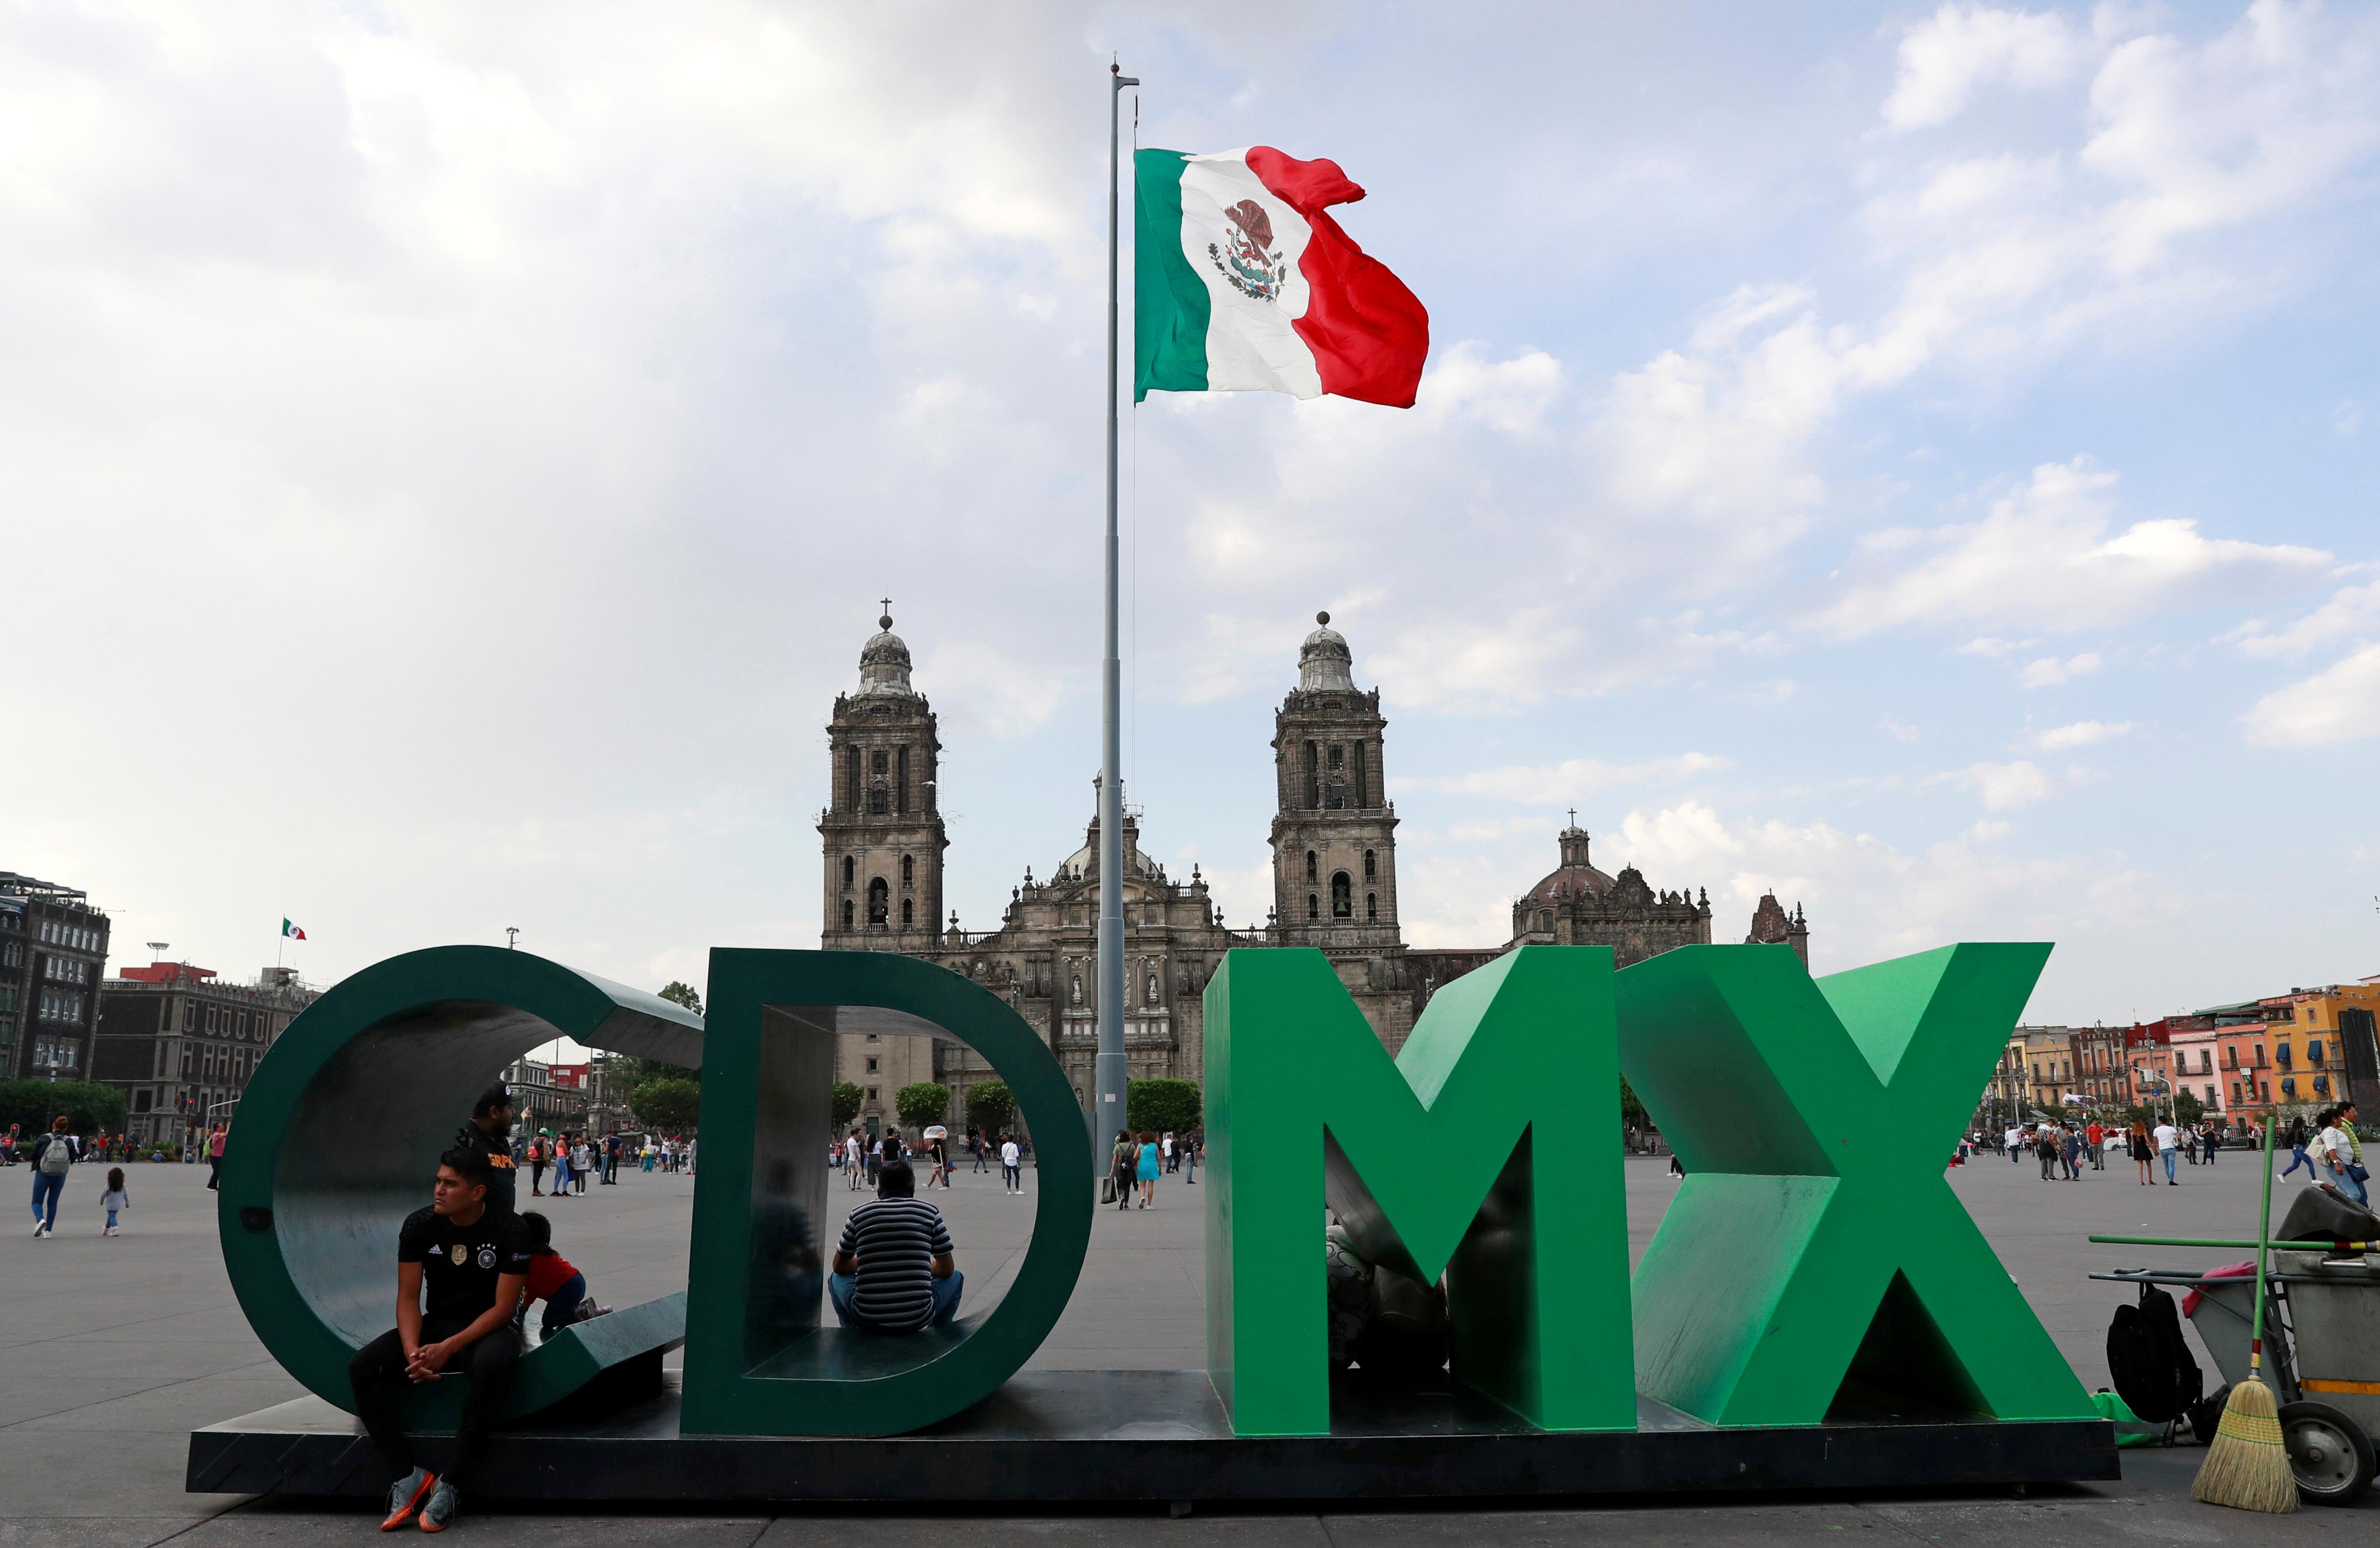 Se ve a personas cerca de la bandera nacional en la Plaza Zócalo cuando las autoridades de salud de México comenzaron a implementar medidas más estrictas para contener la propagación de la enfermedad por coronavirus (COVID-19), en la Ciudad de México, México, 22 de marzo de 2020.